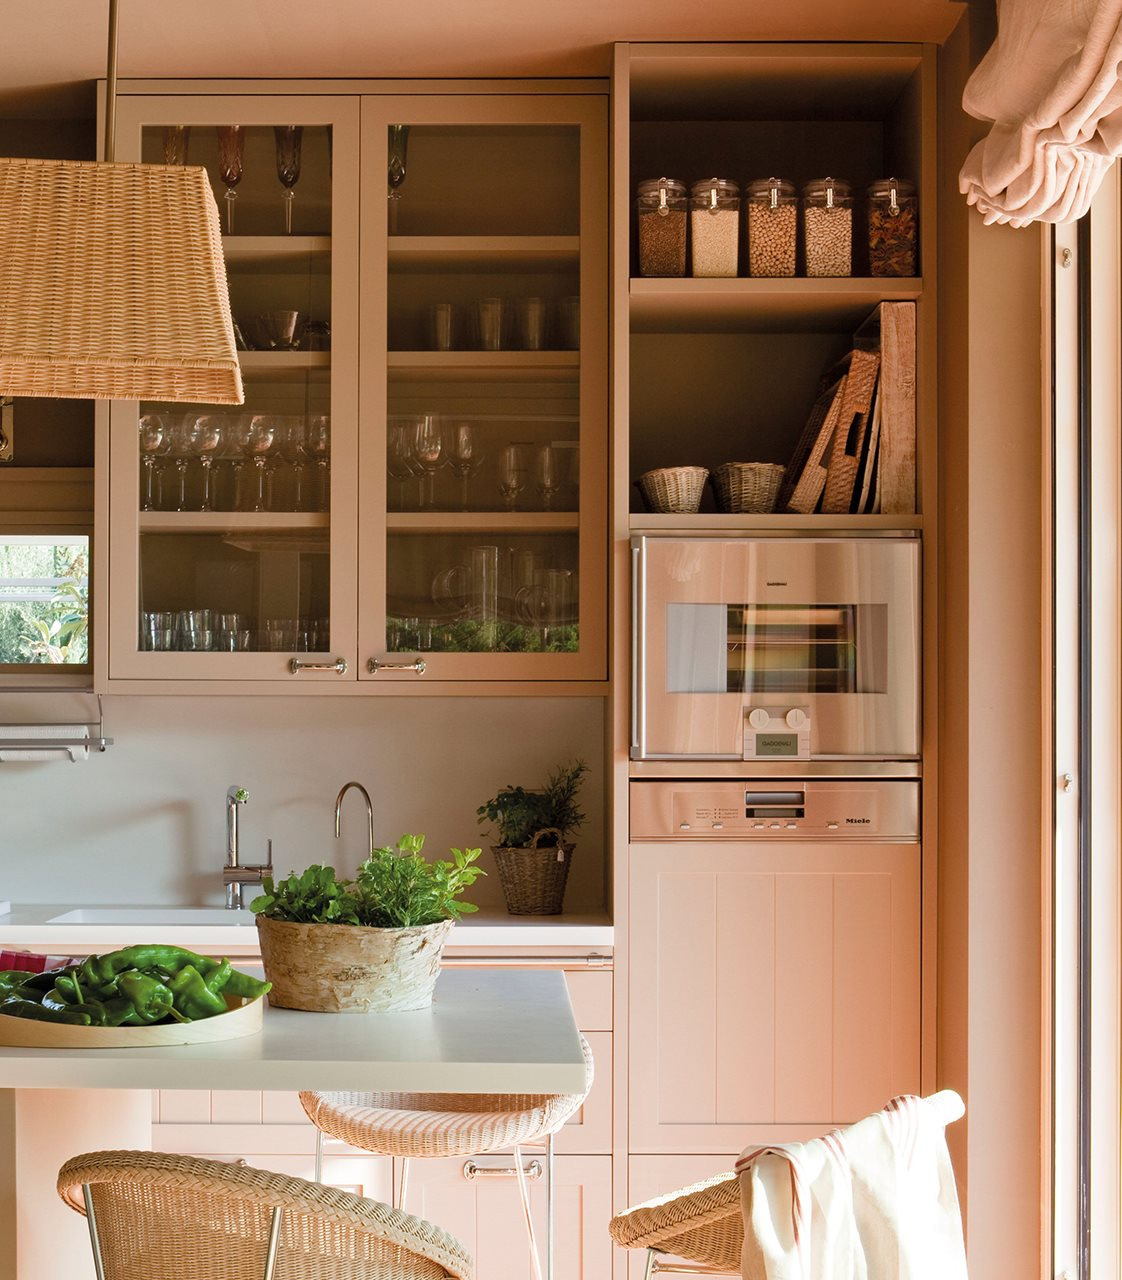 Almacenaje El Mueble ~ Accesorios Interior Armarios Cocina